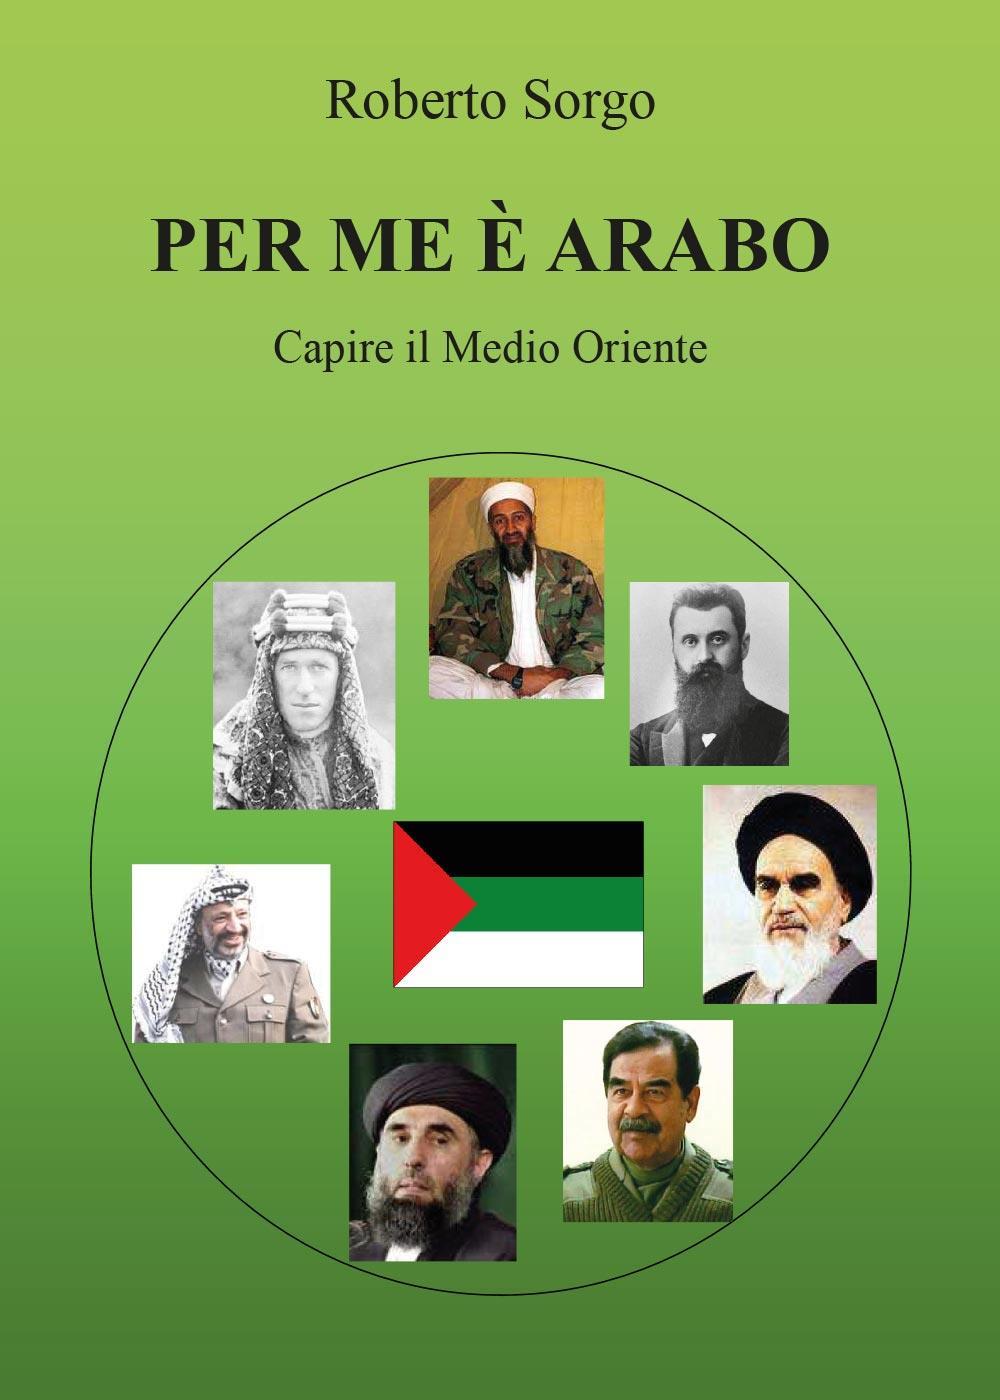 Per me è arabo - Capire il Medio Oriente